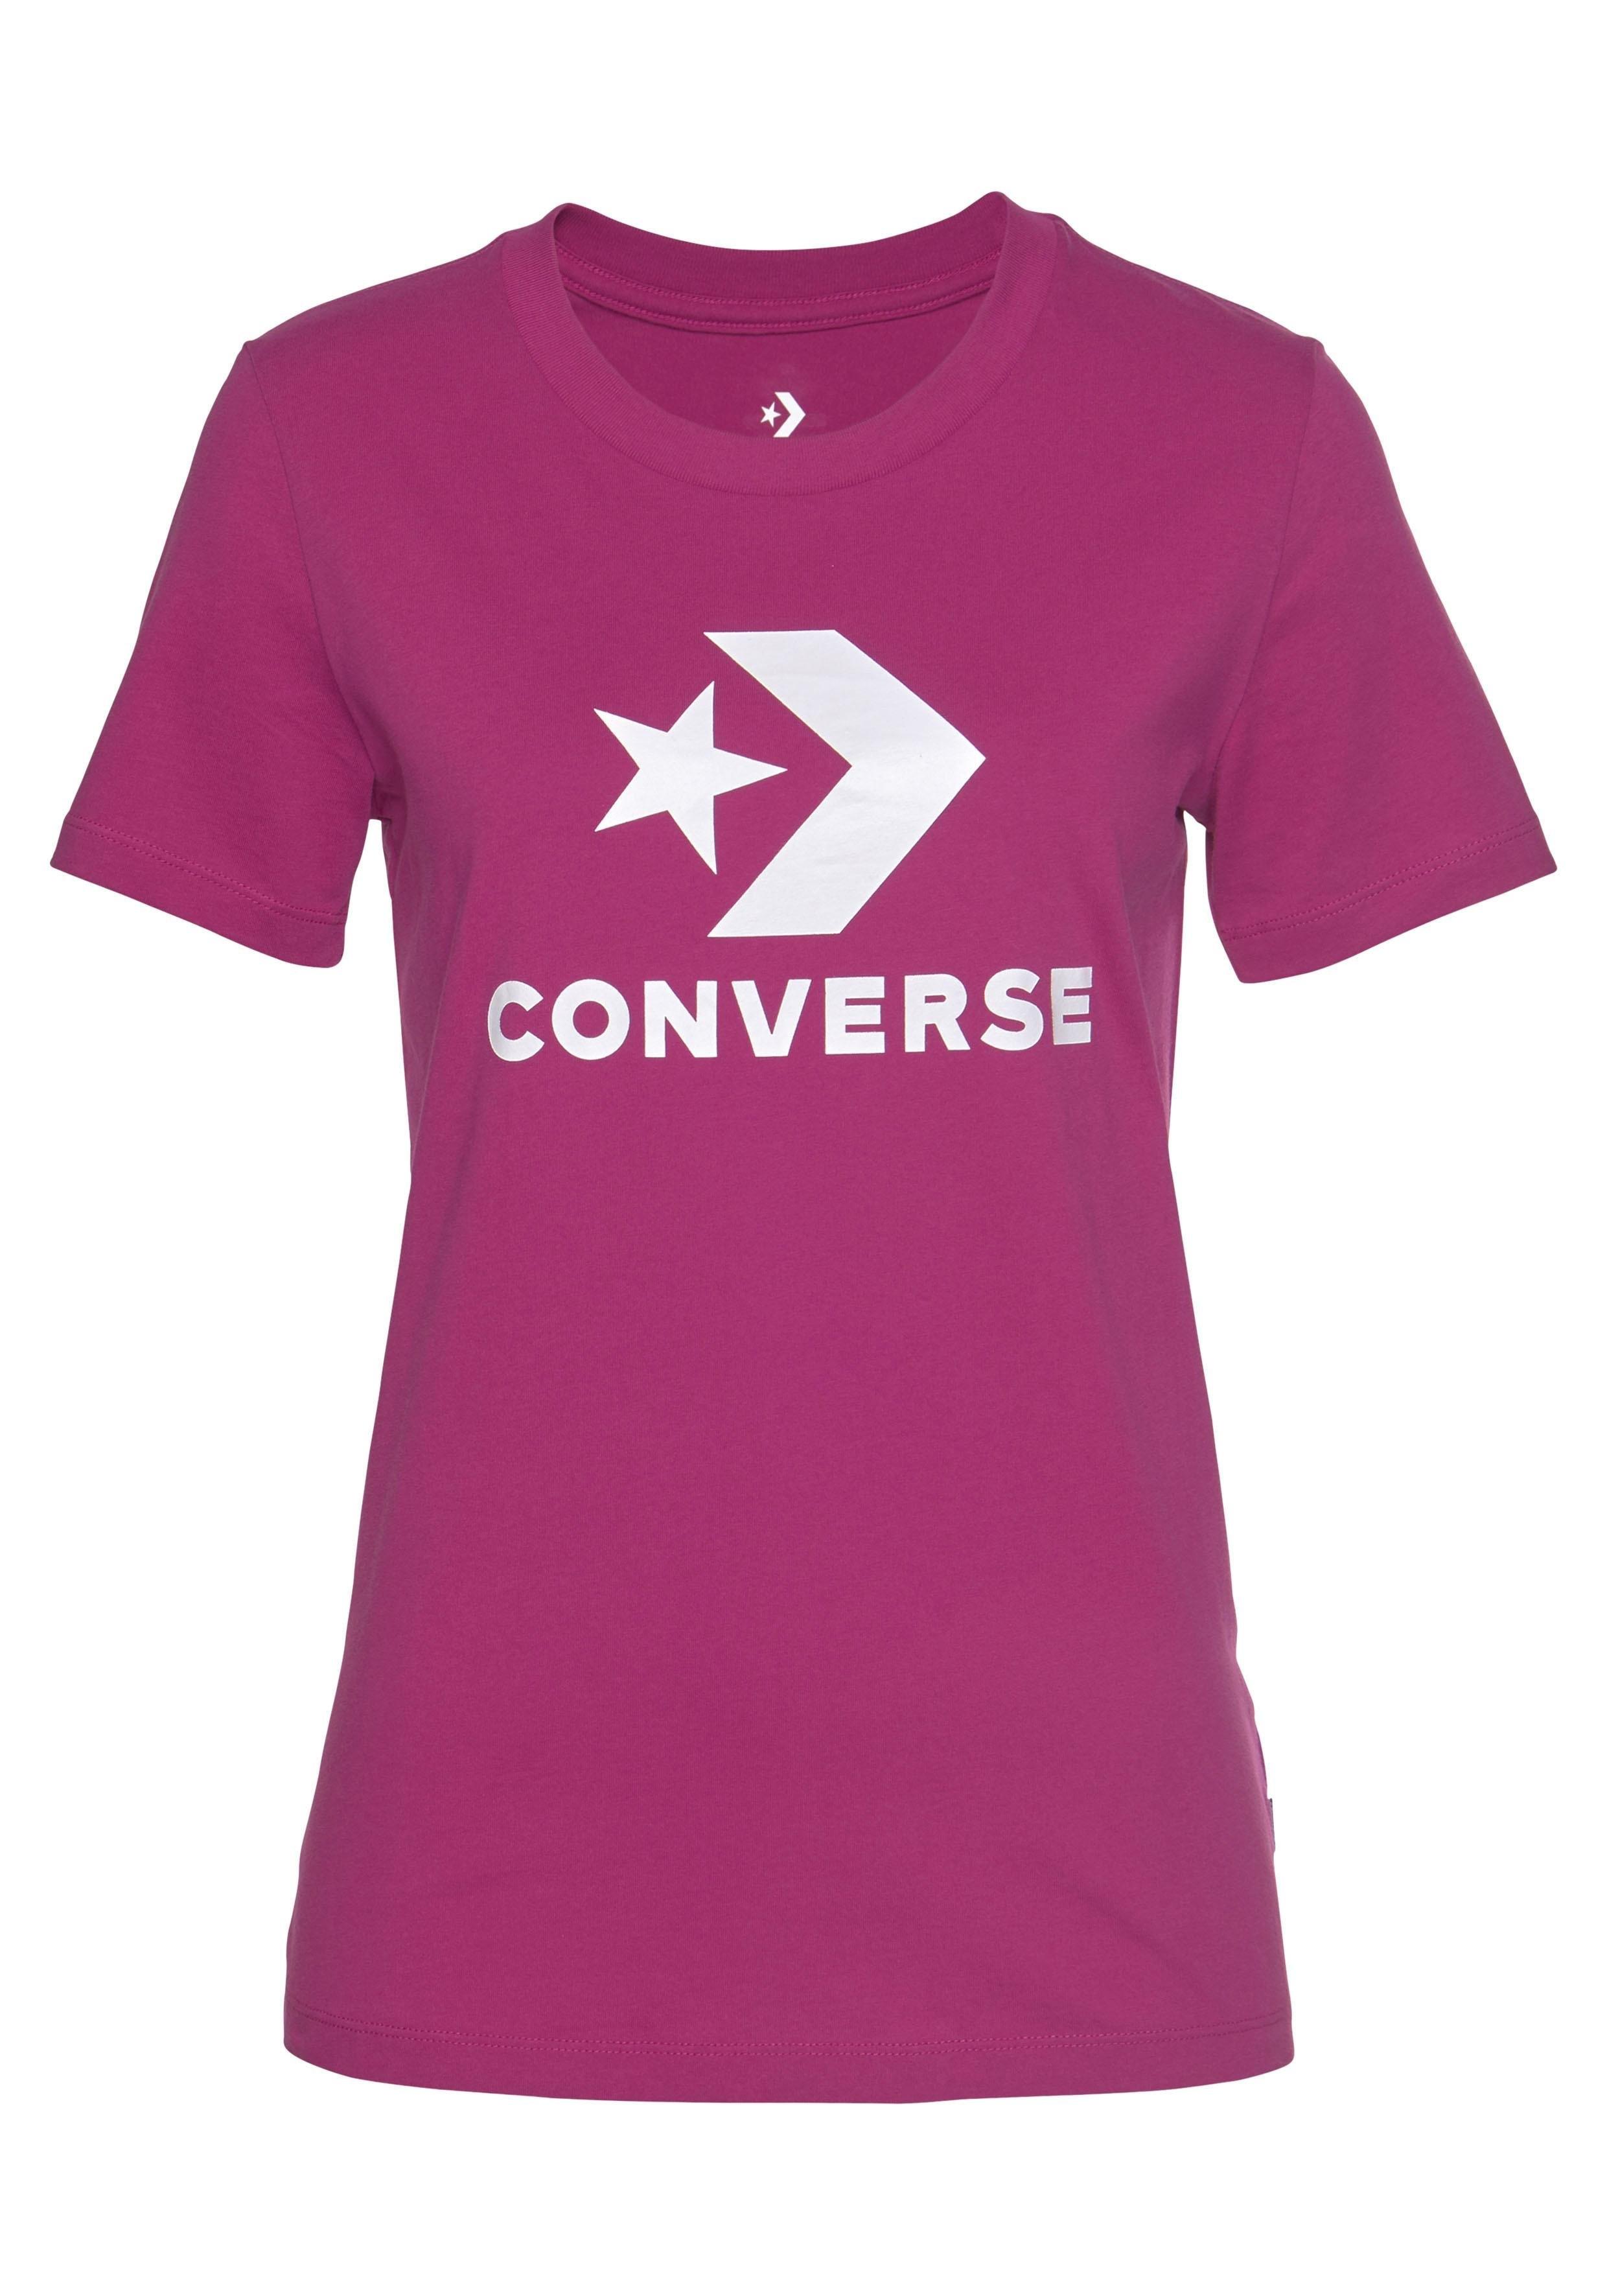 Converse T-shirt »STAR CHEVRON CENTER FRONT TEE« voordelig en veilig online kopen